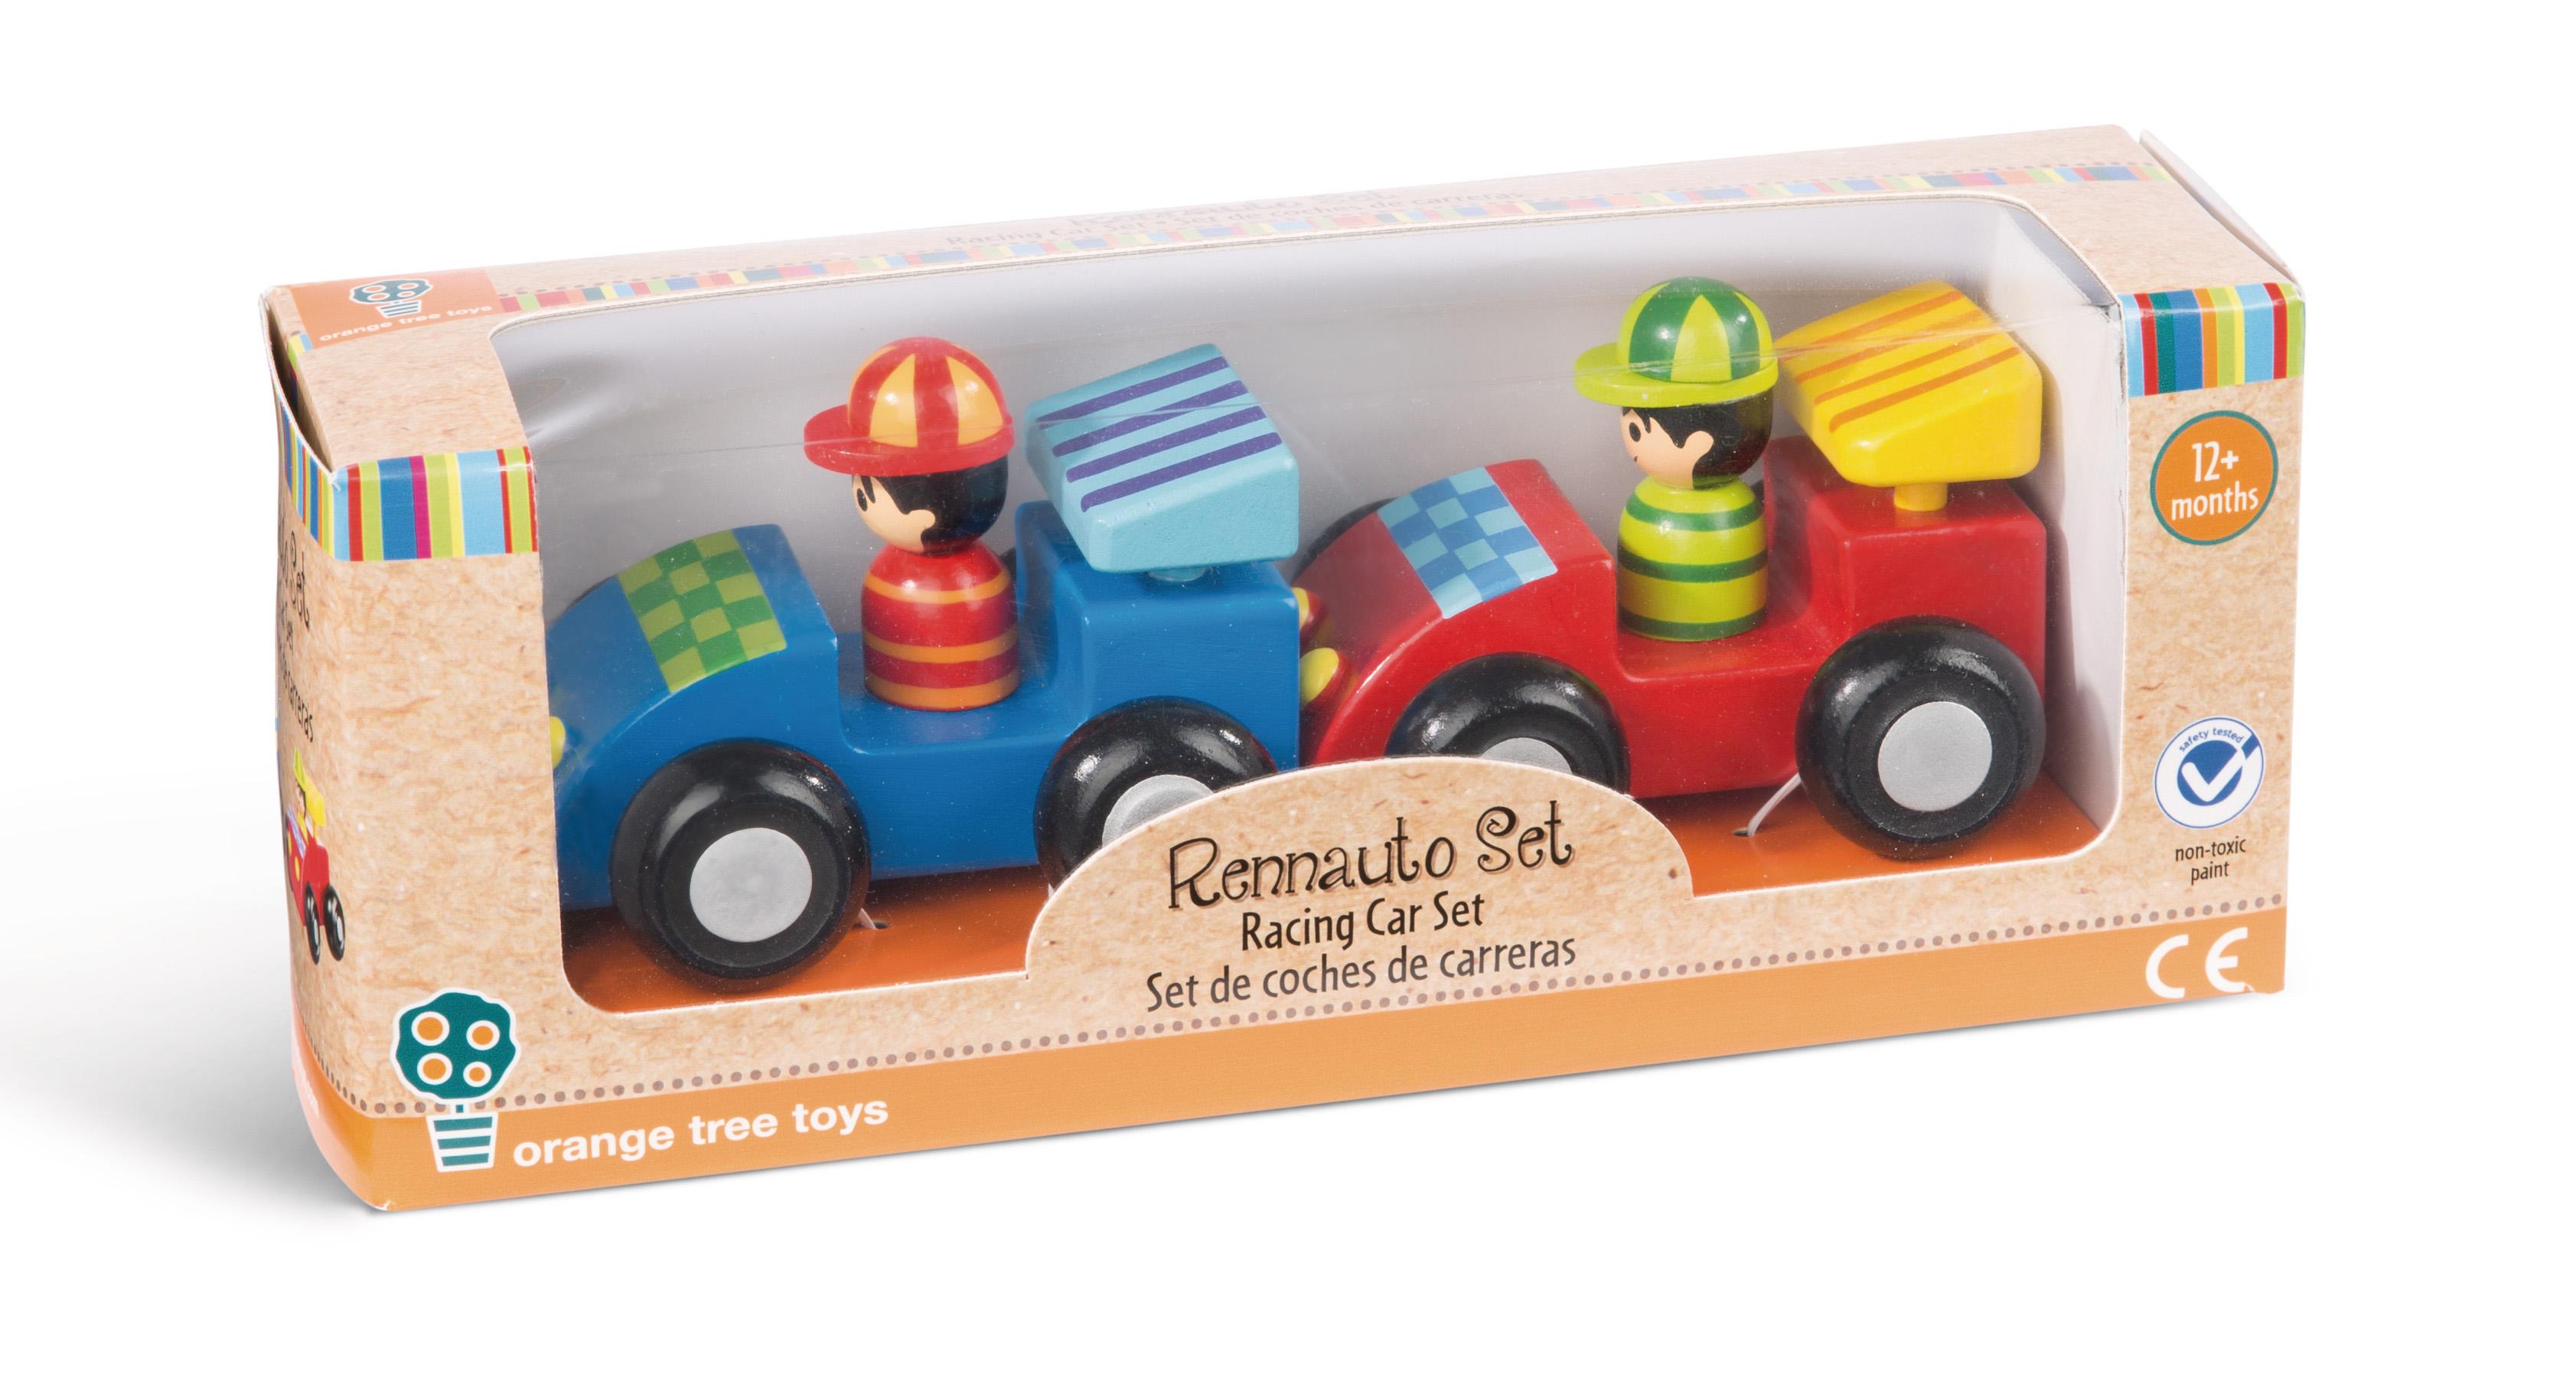 rennauto set  fahrzeuge  orange tree toys  produkte